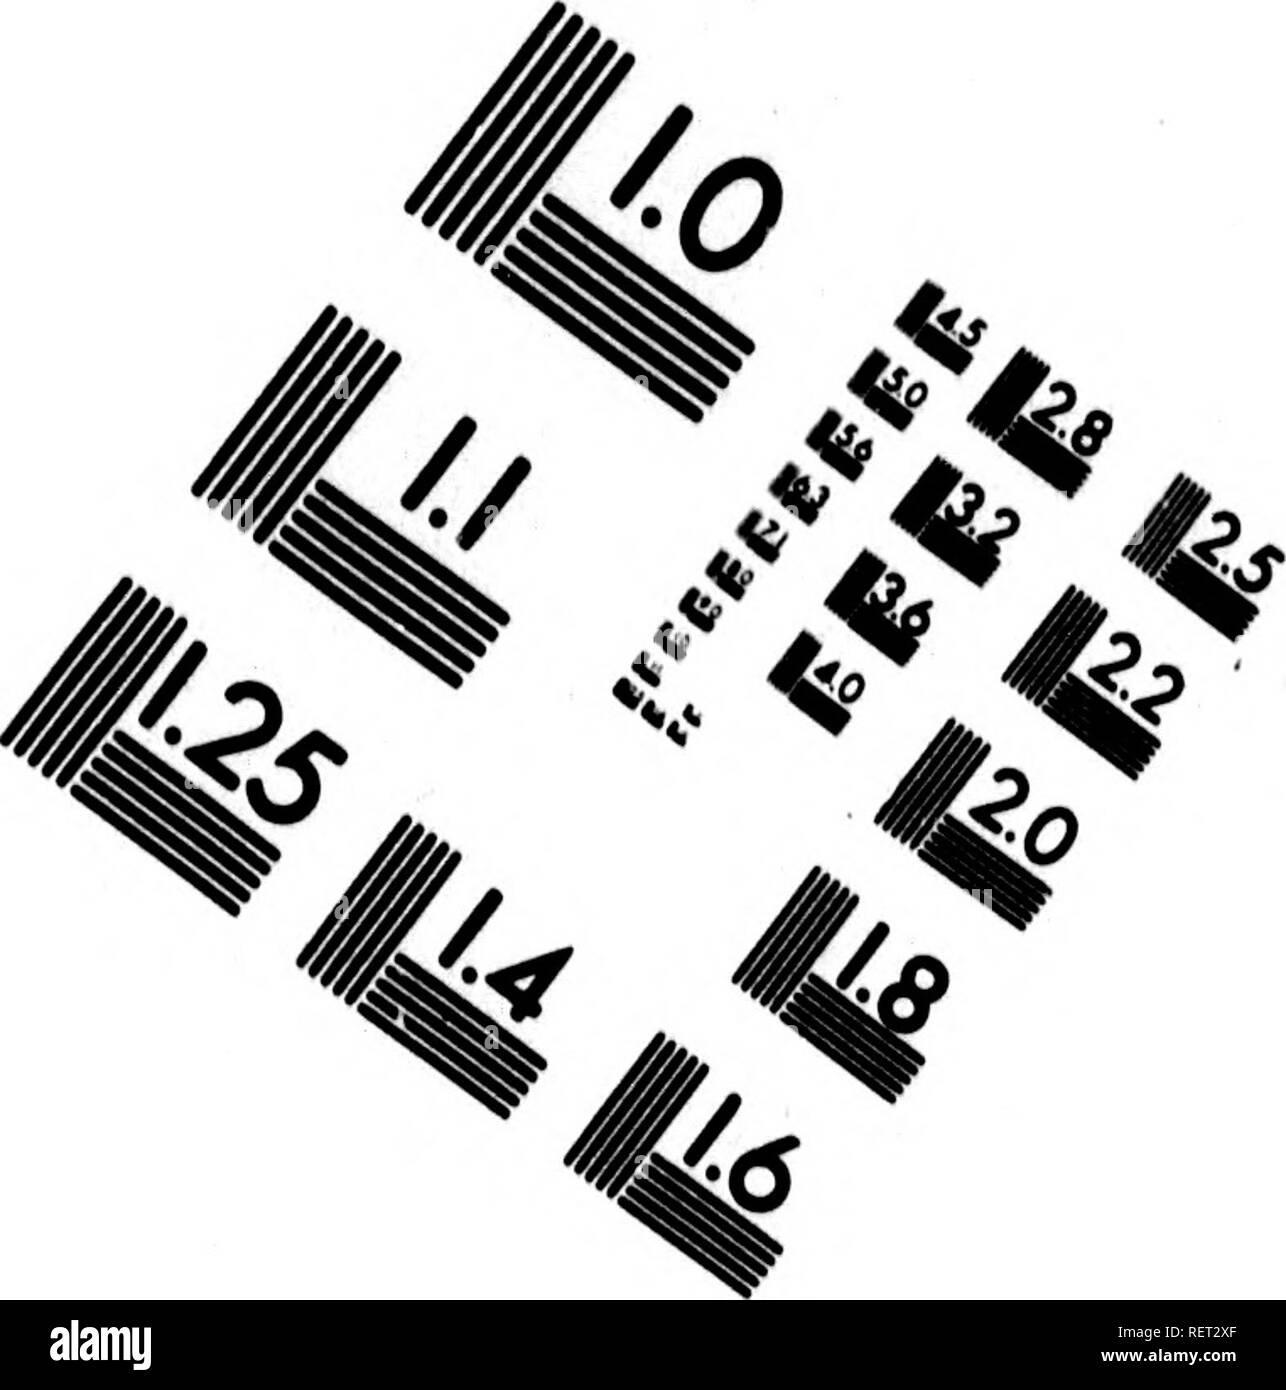 """. Histoire naturelle, générale et particulière [microforme] : servant de suite à la théorie de la terre, & d'introduction à l'histoire des miné raux. Sciences naturelles; Natural history. IMAGE EVALUATION TEST TARGET (MT-3). 1.0 l.l 150 Ul 115 itt m â 2.2 â u .-.^ liai Ã« y£ 12.0 L25 mu 1' II 6"""" y. /. Please note that these images are extracted from scanned page images that may have been digitally enhanced for readability - coloration and appearance of these illustrations may not perfectly resemble the original work.. Buffon, Georges Louis Leclerc, comte de, 1707-1788. A Paris : - Stock Image"""